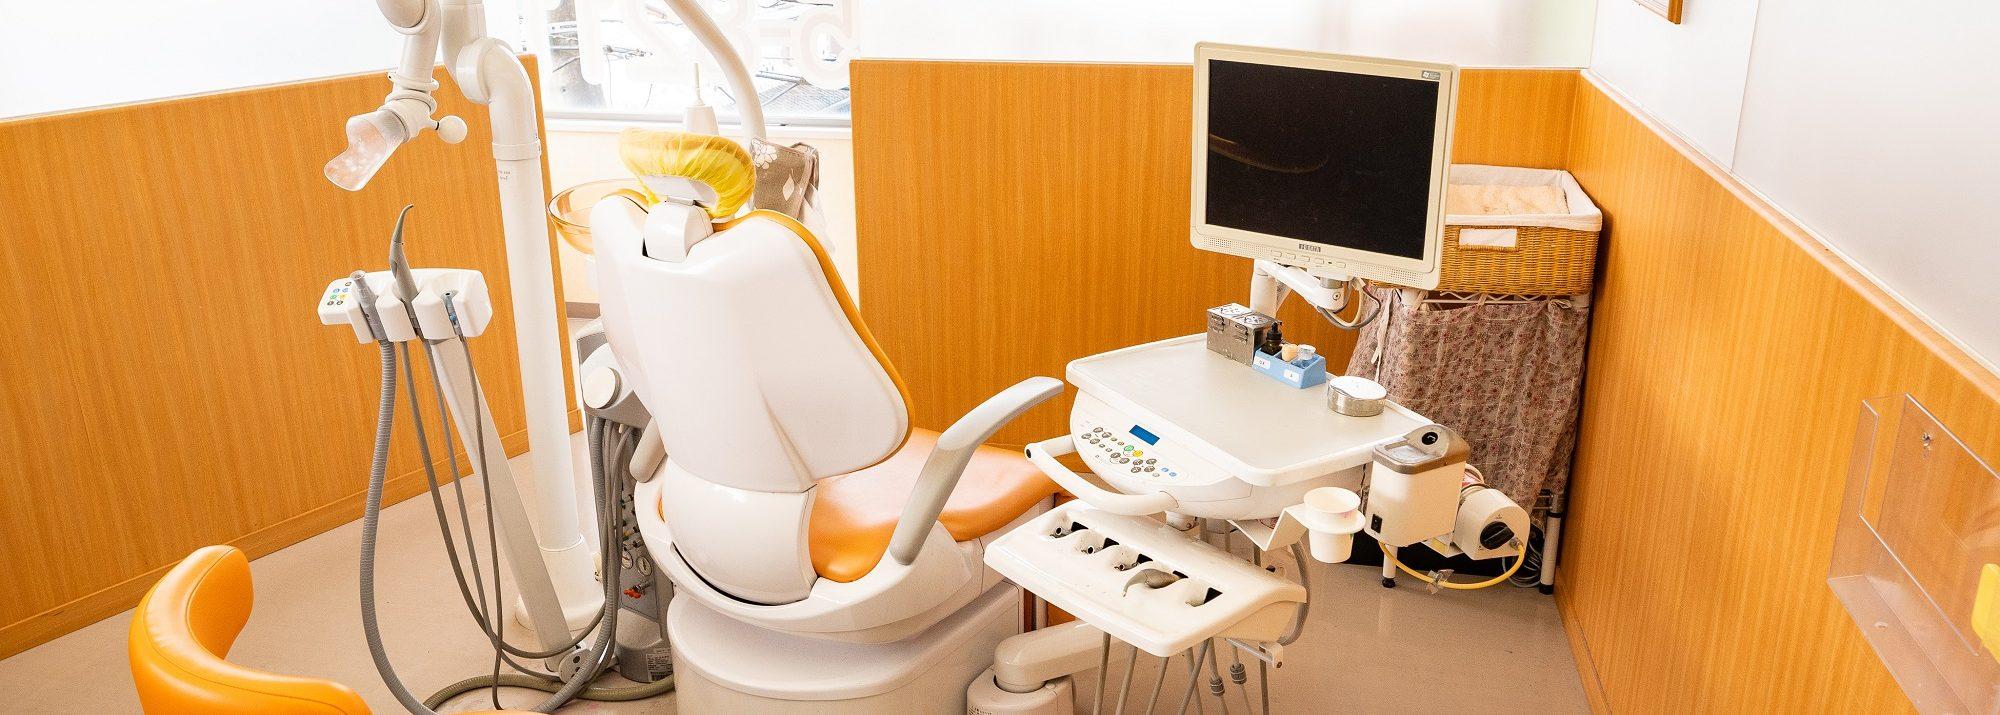 ユニット|ひらた歯科クリニック